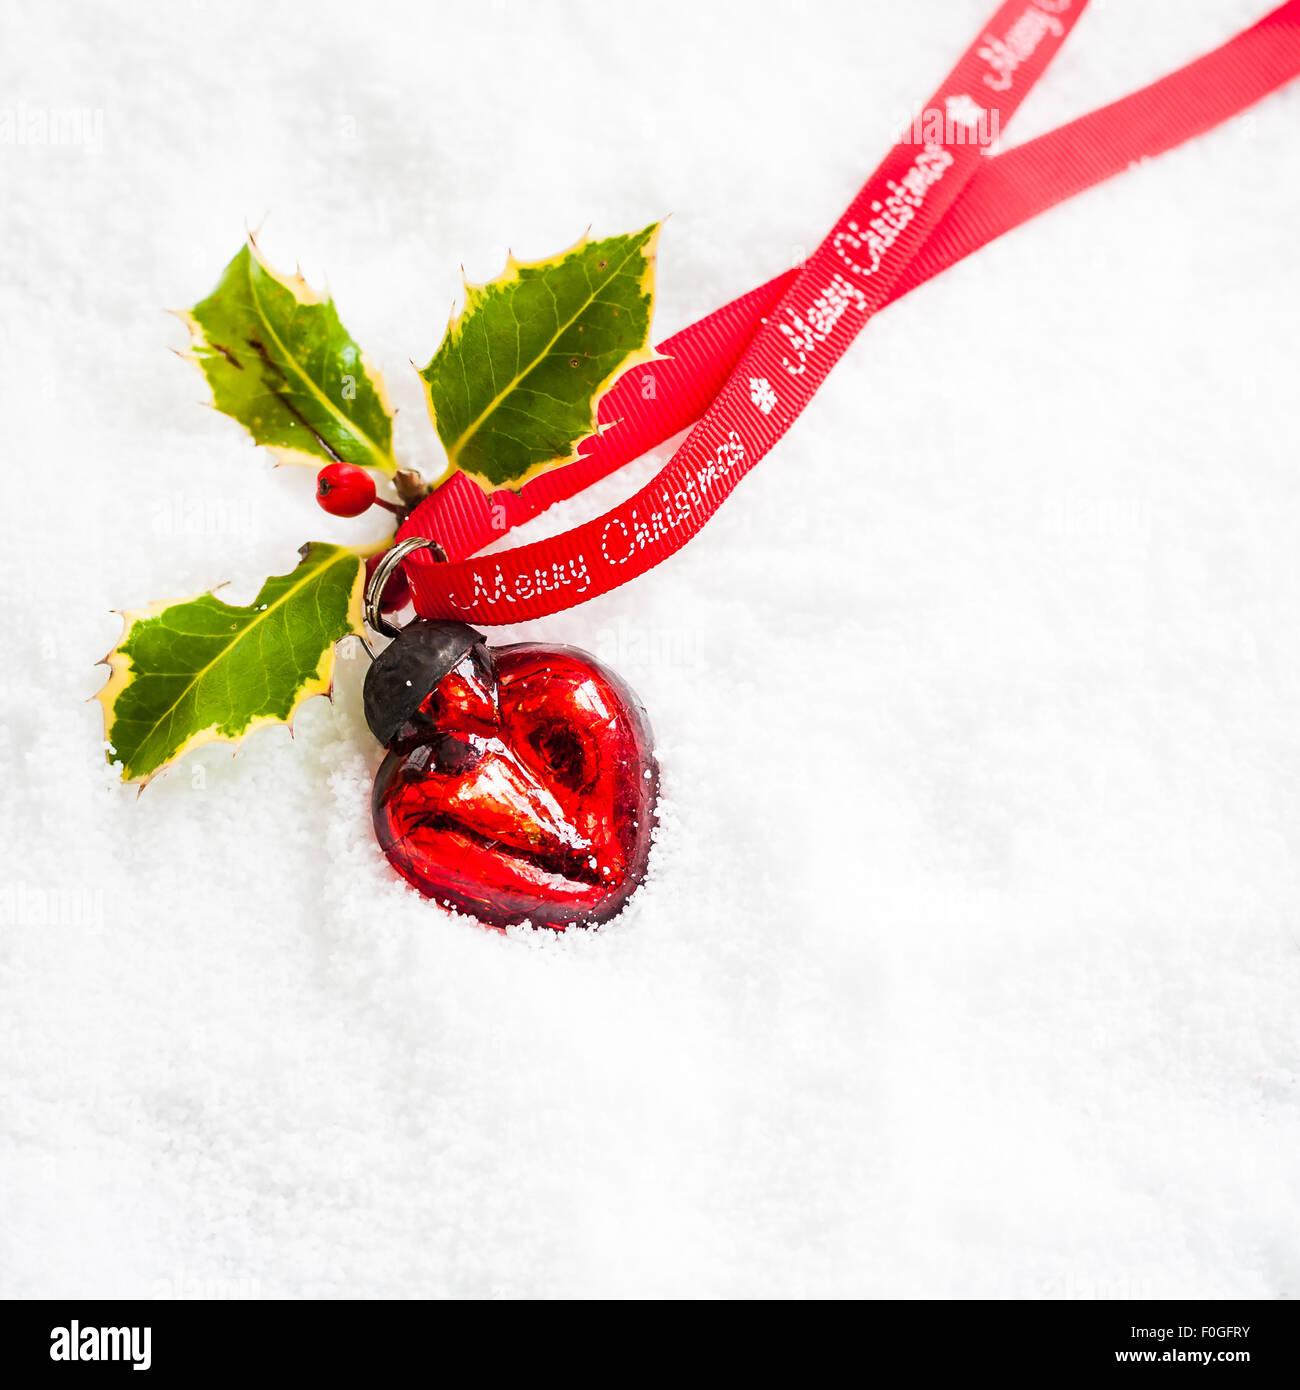 Cuore rosso a forma di pallina con agrifoglio e Buon Natale nastro sulla neve Foto Stock